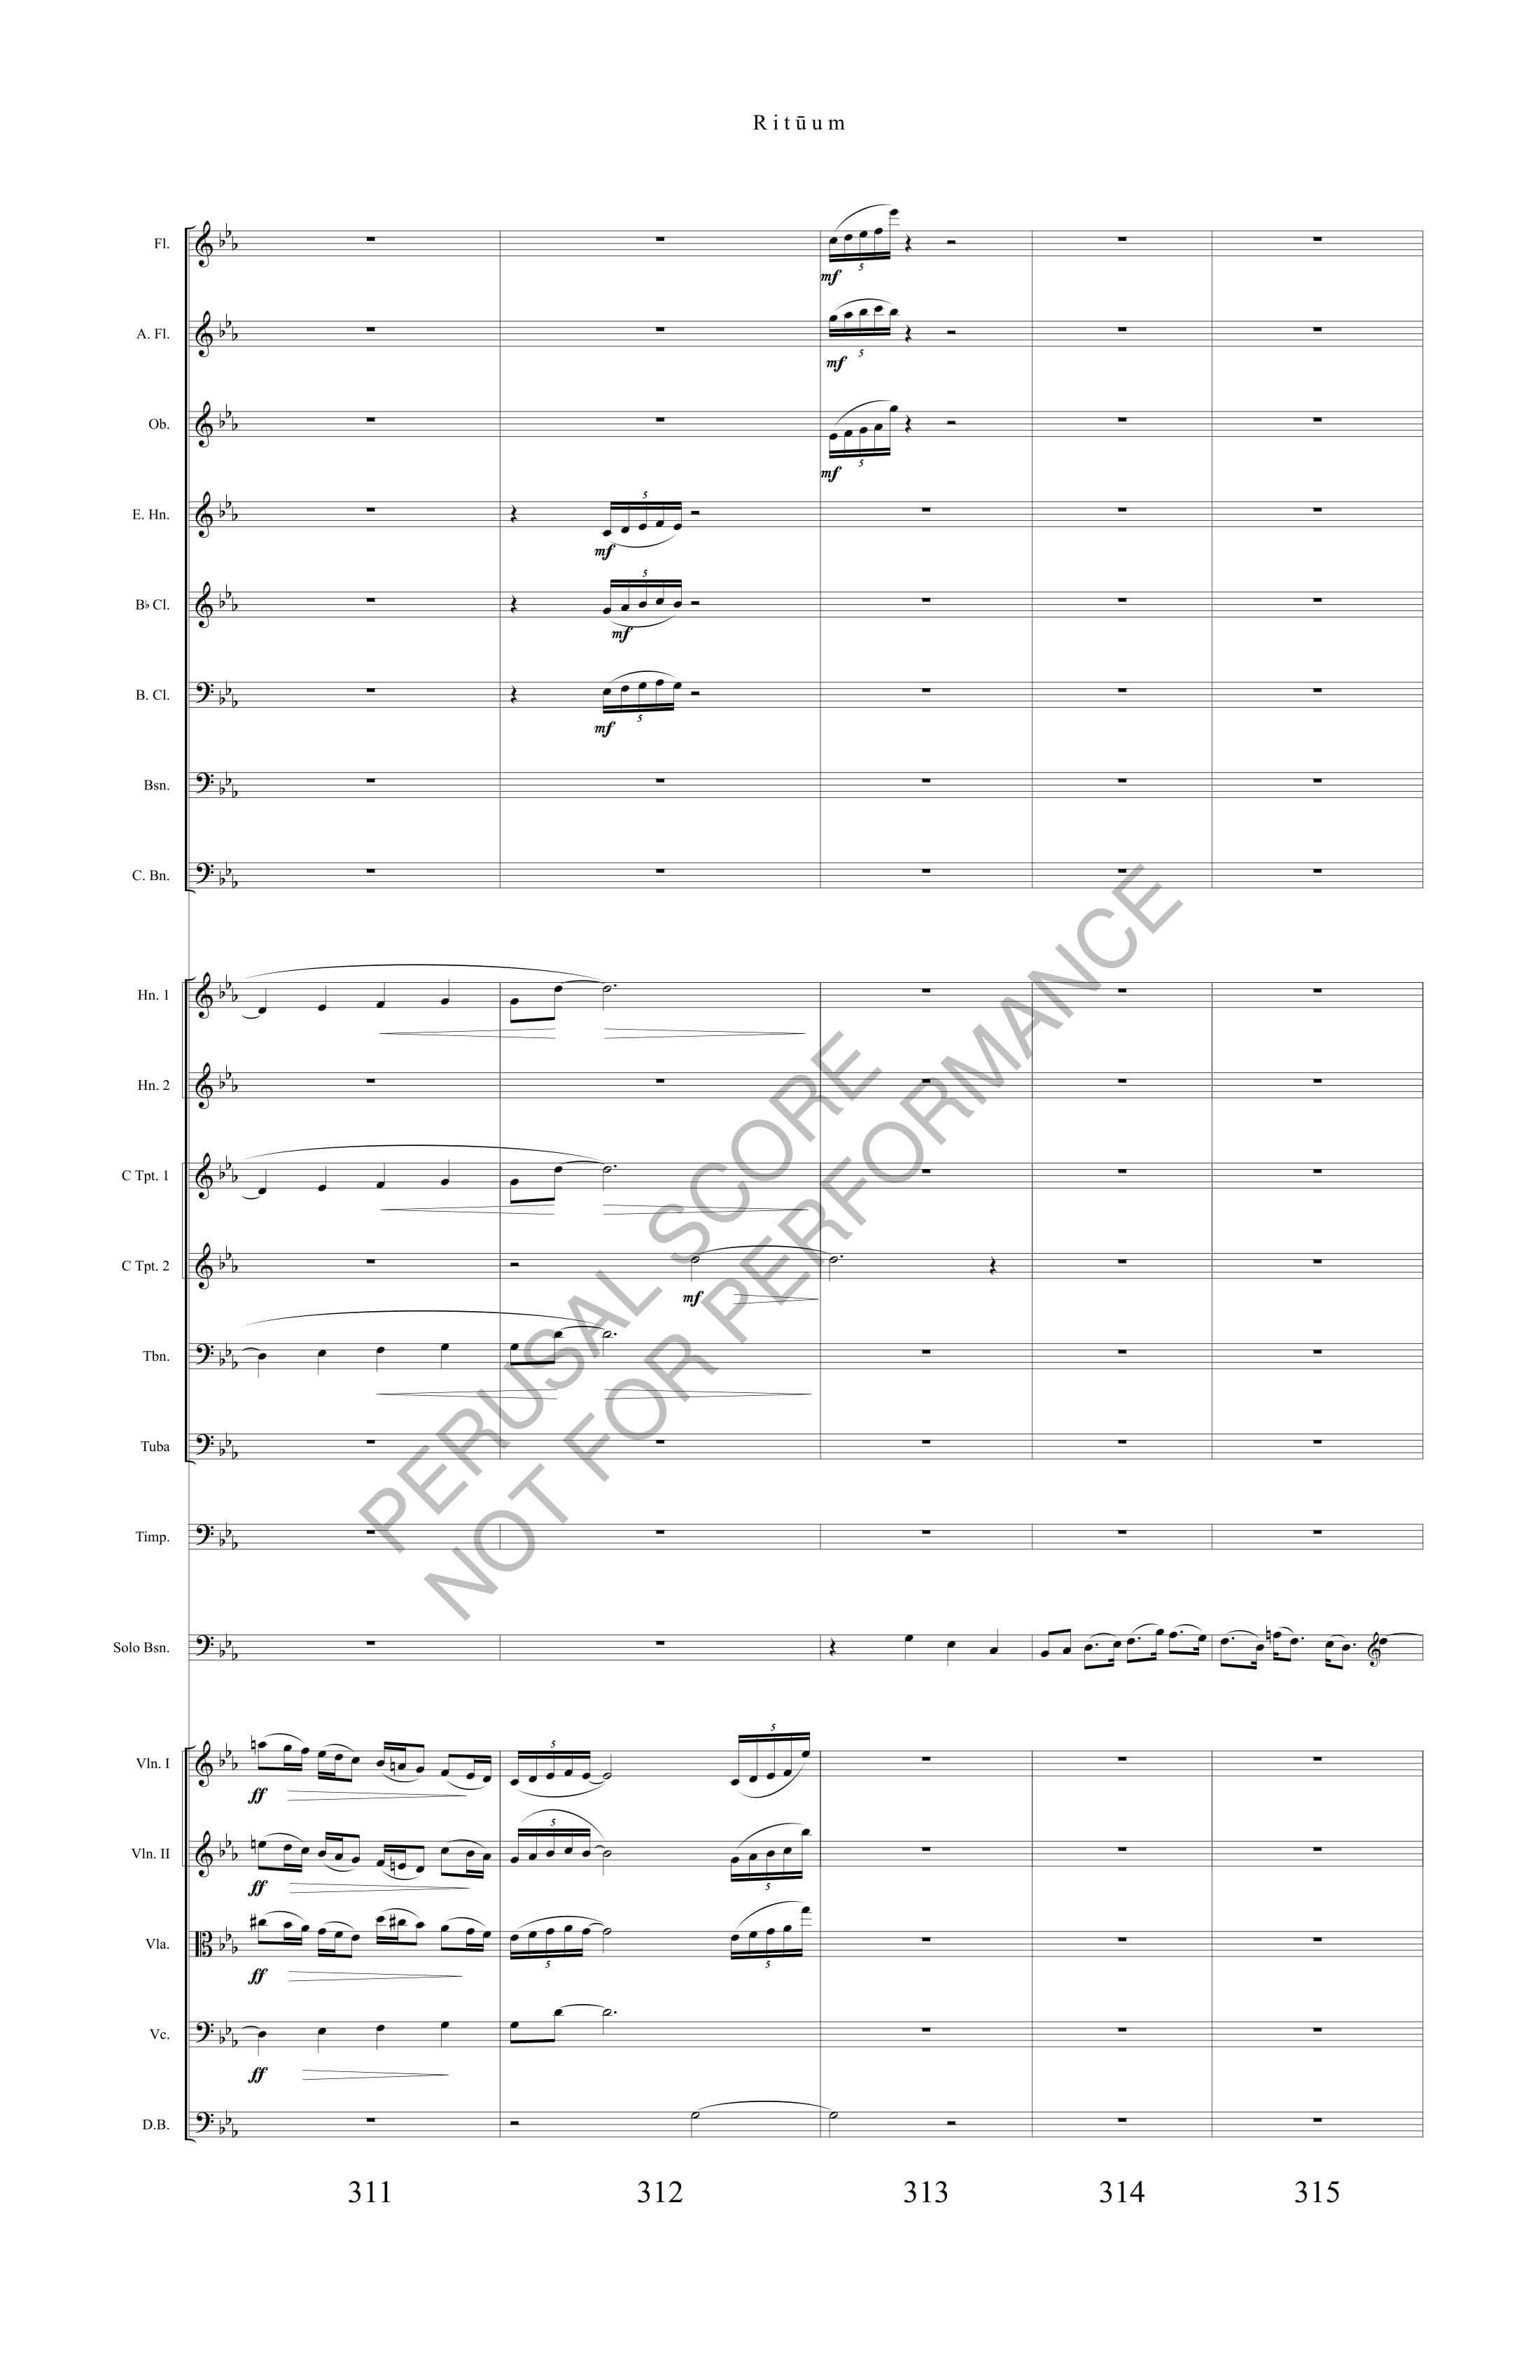 Boyd Rituum Score-watermark (1)-71.jpg